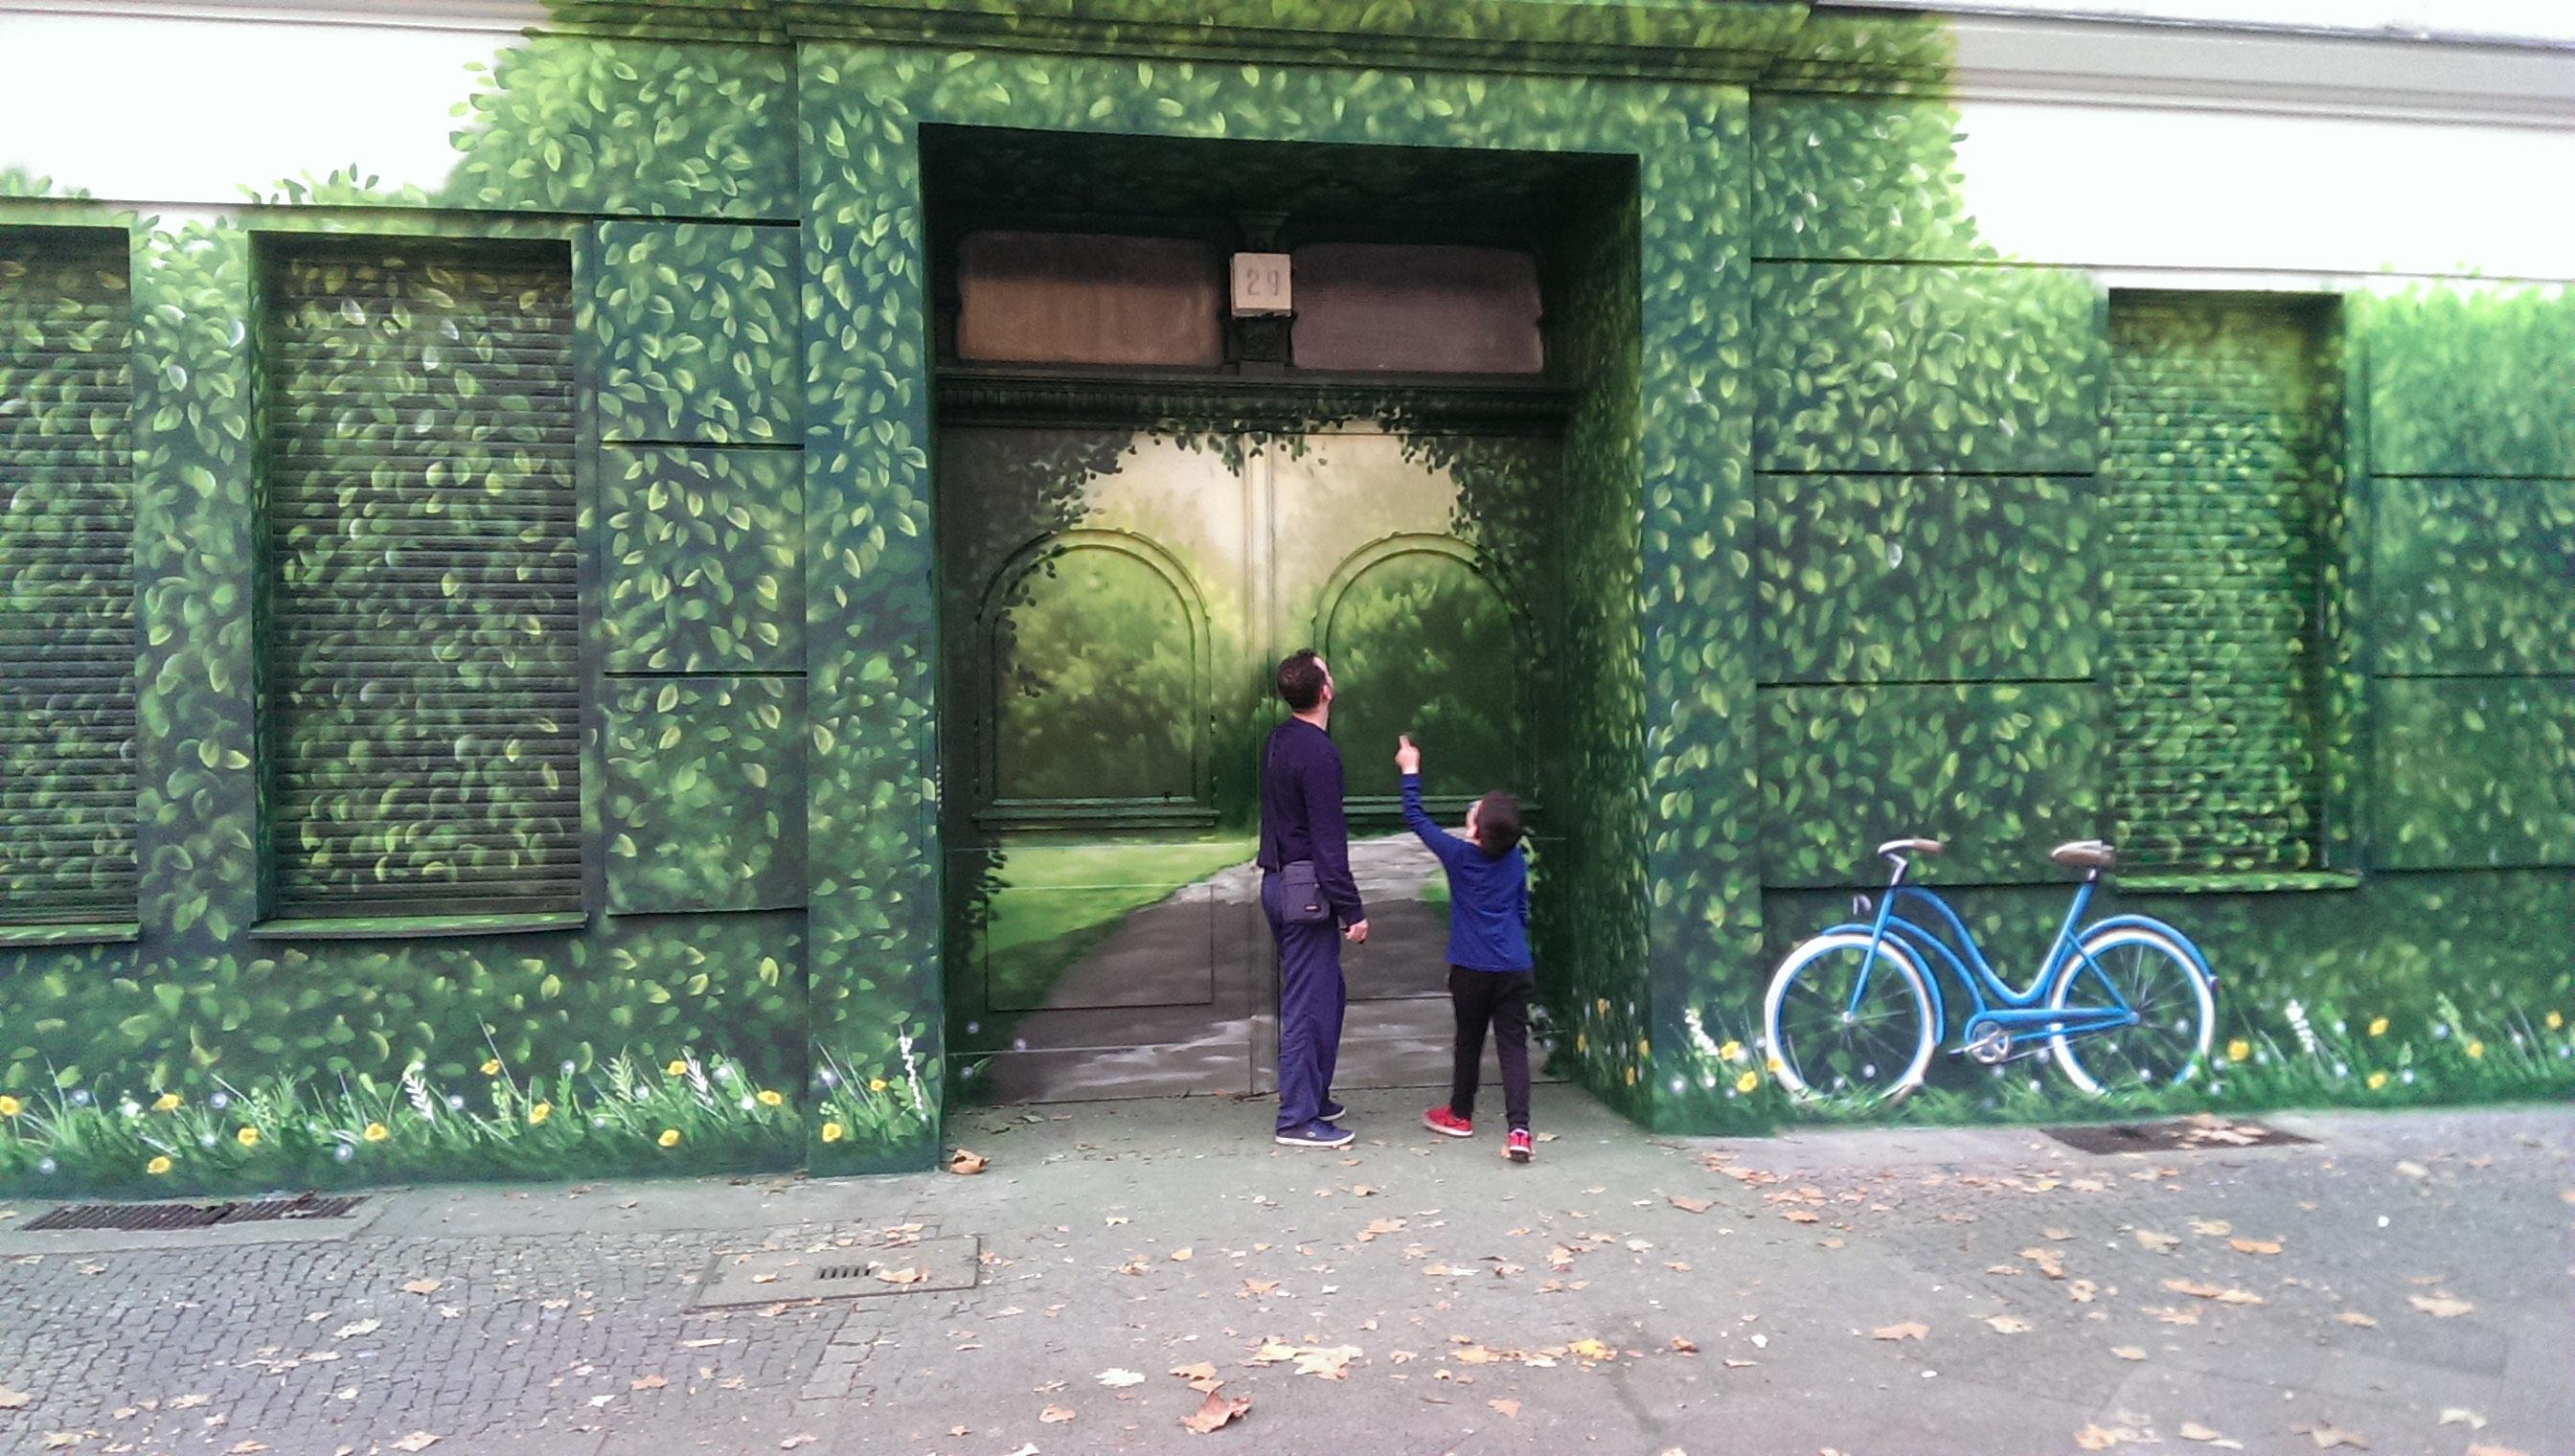 Wandmalerei fassadenmalerei berlin appolloart graffiti airbrush wandgestaltung - Wandmalerei berlin ...